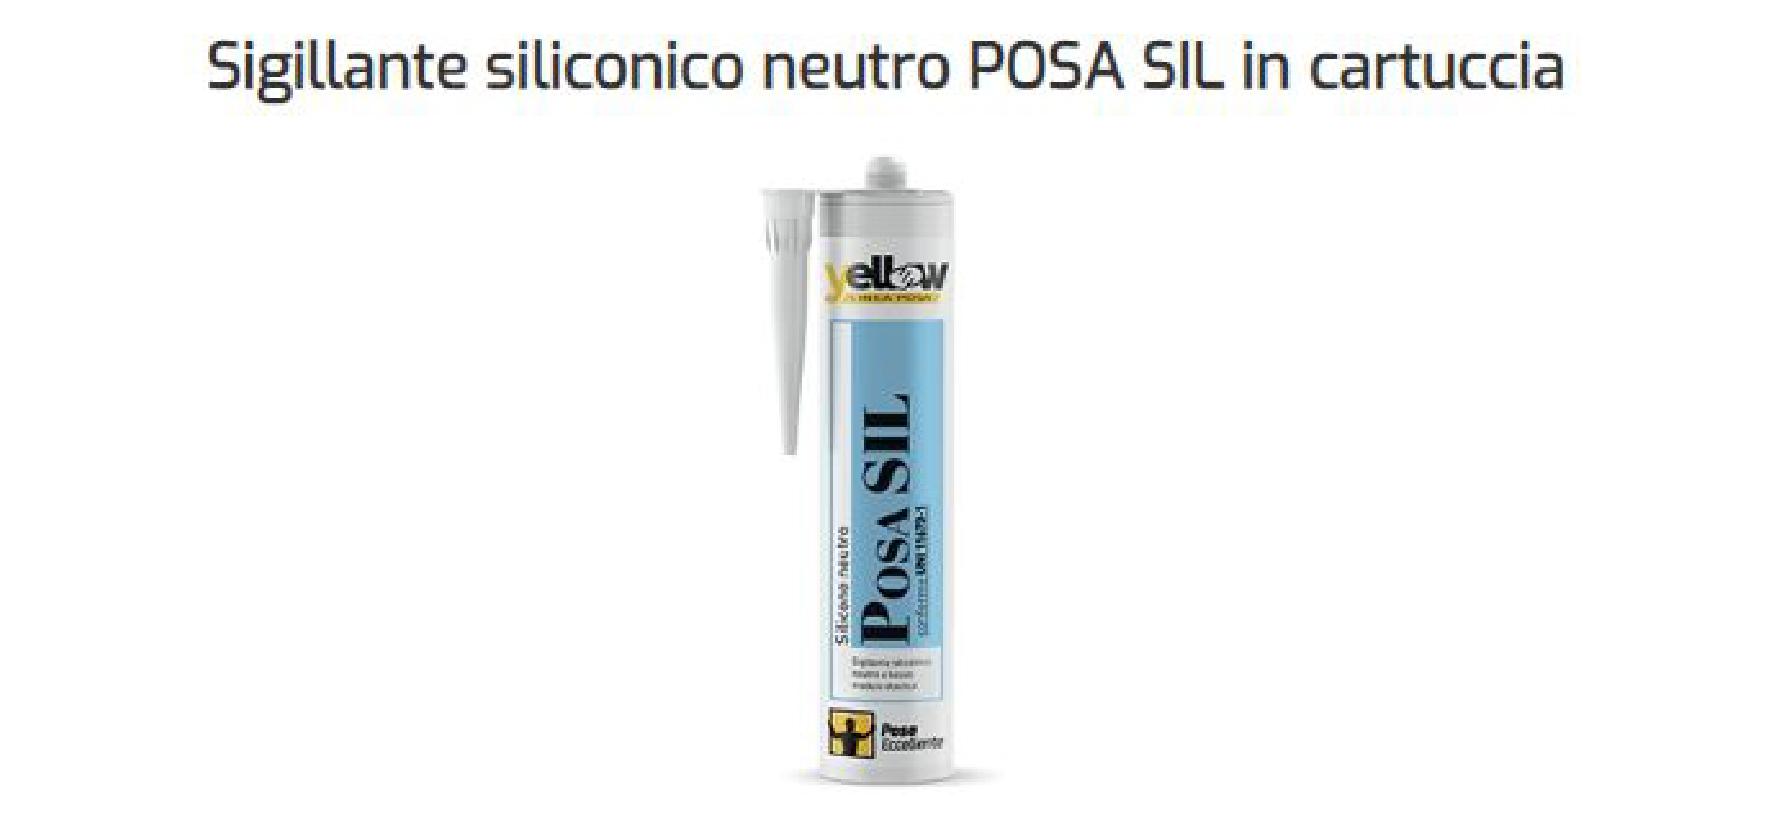 Sigillante siliconico neutro posa SIL idonea UNI 11673-1 posa serramenti